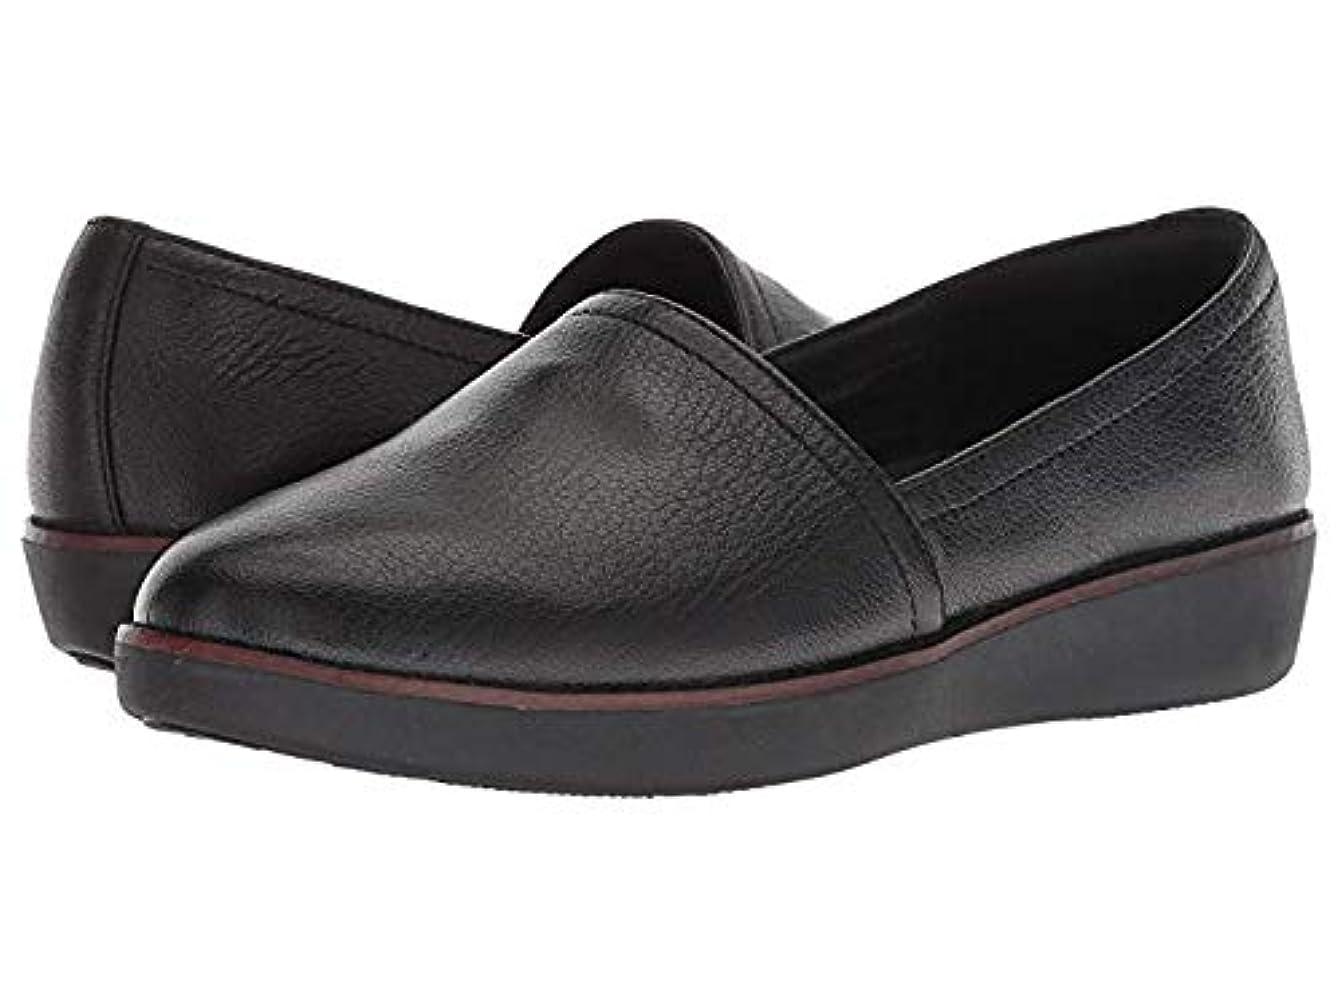 レイアウト空港キャラバン[FitFlop(フィットフロップ)] レディースローファー?靴 Casa Black US 8.5 (25.5cm) M (B) [並行輸入品]